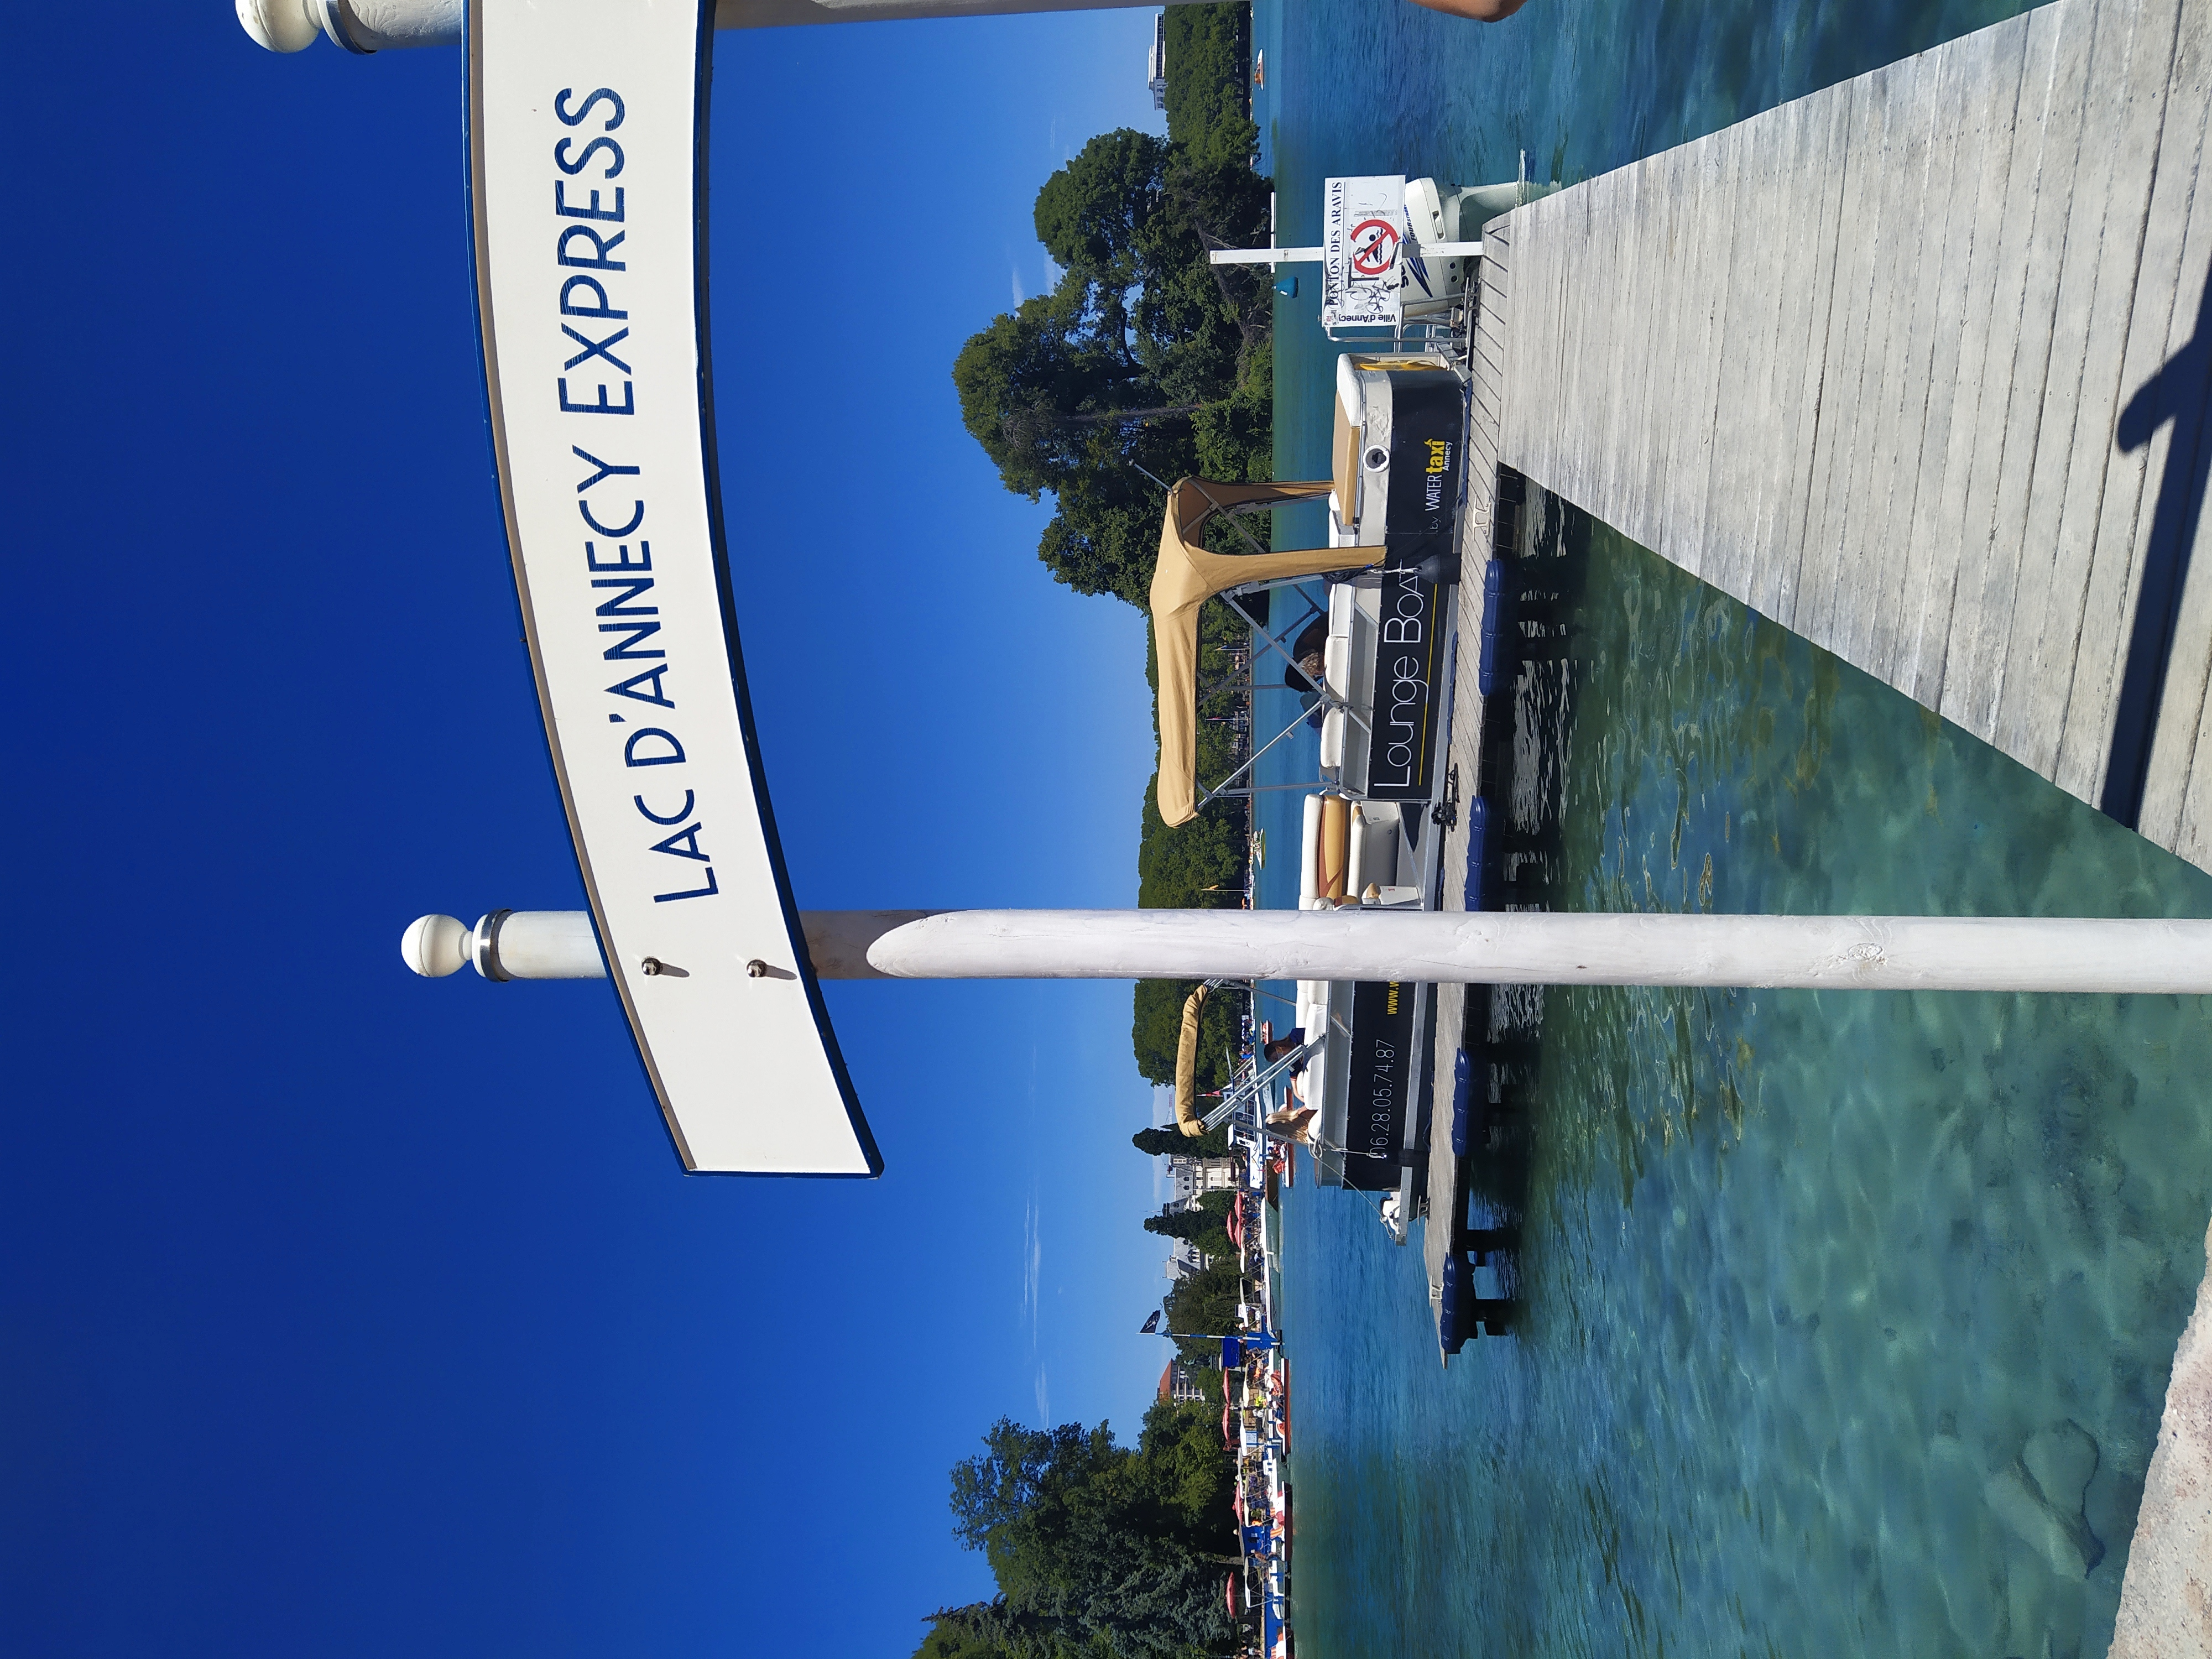 """Ponton navette lacustres """"Lac d'Annecy Express"""" 2020"""